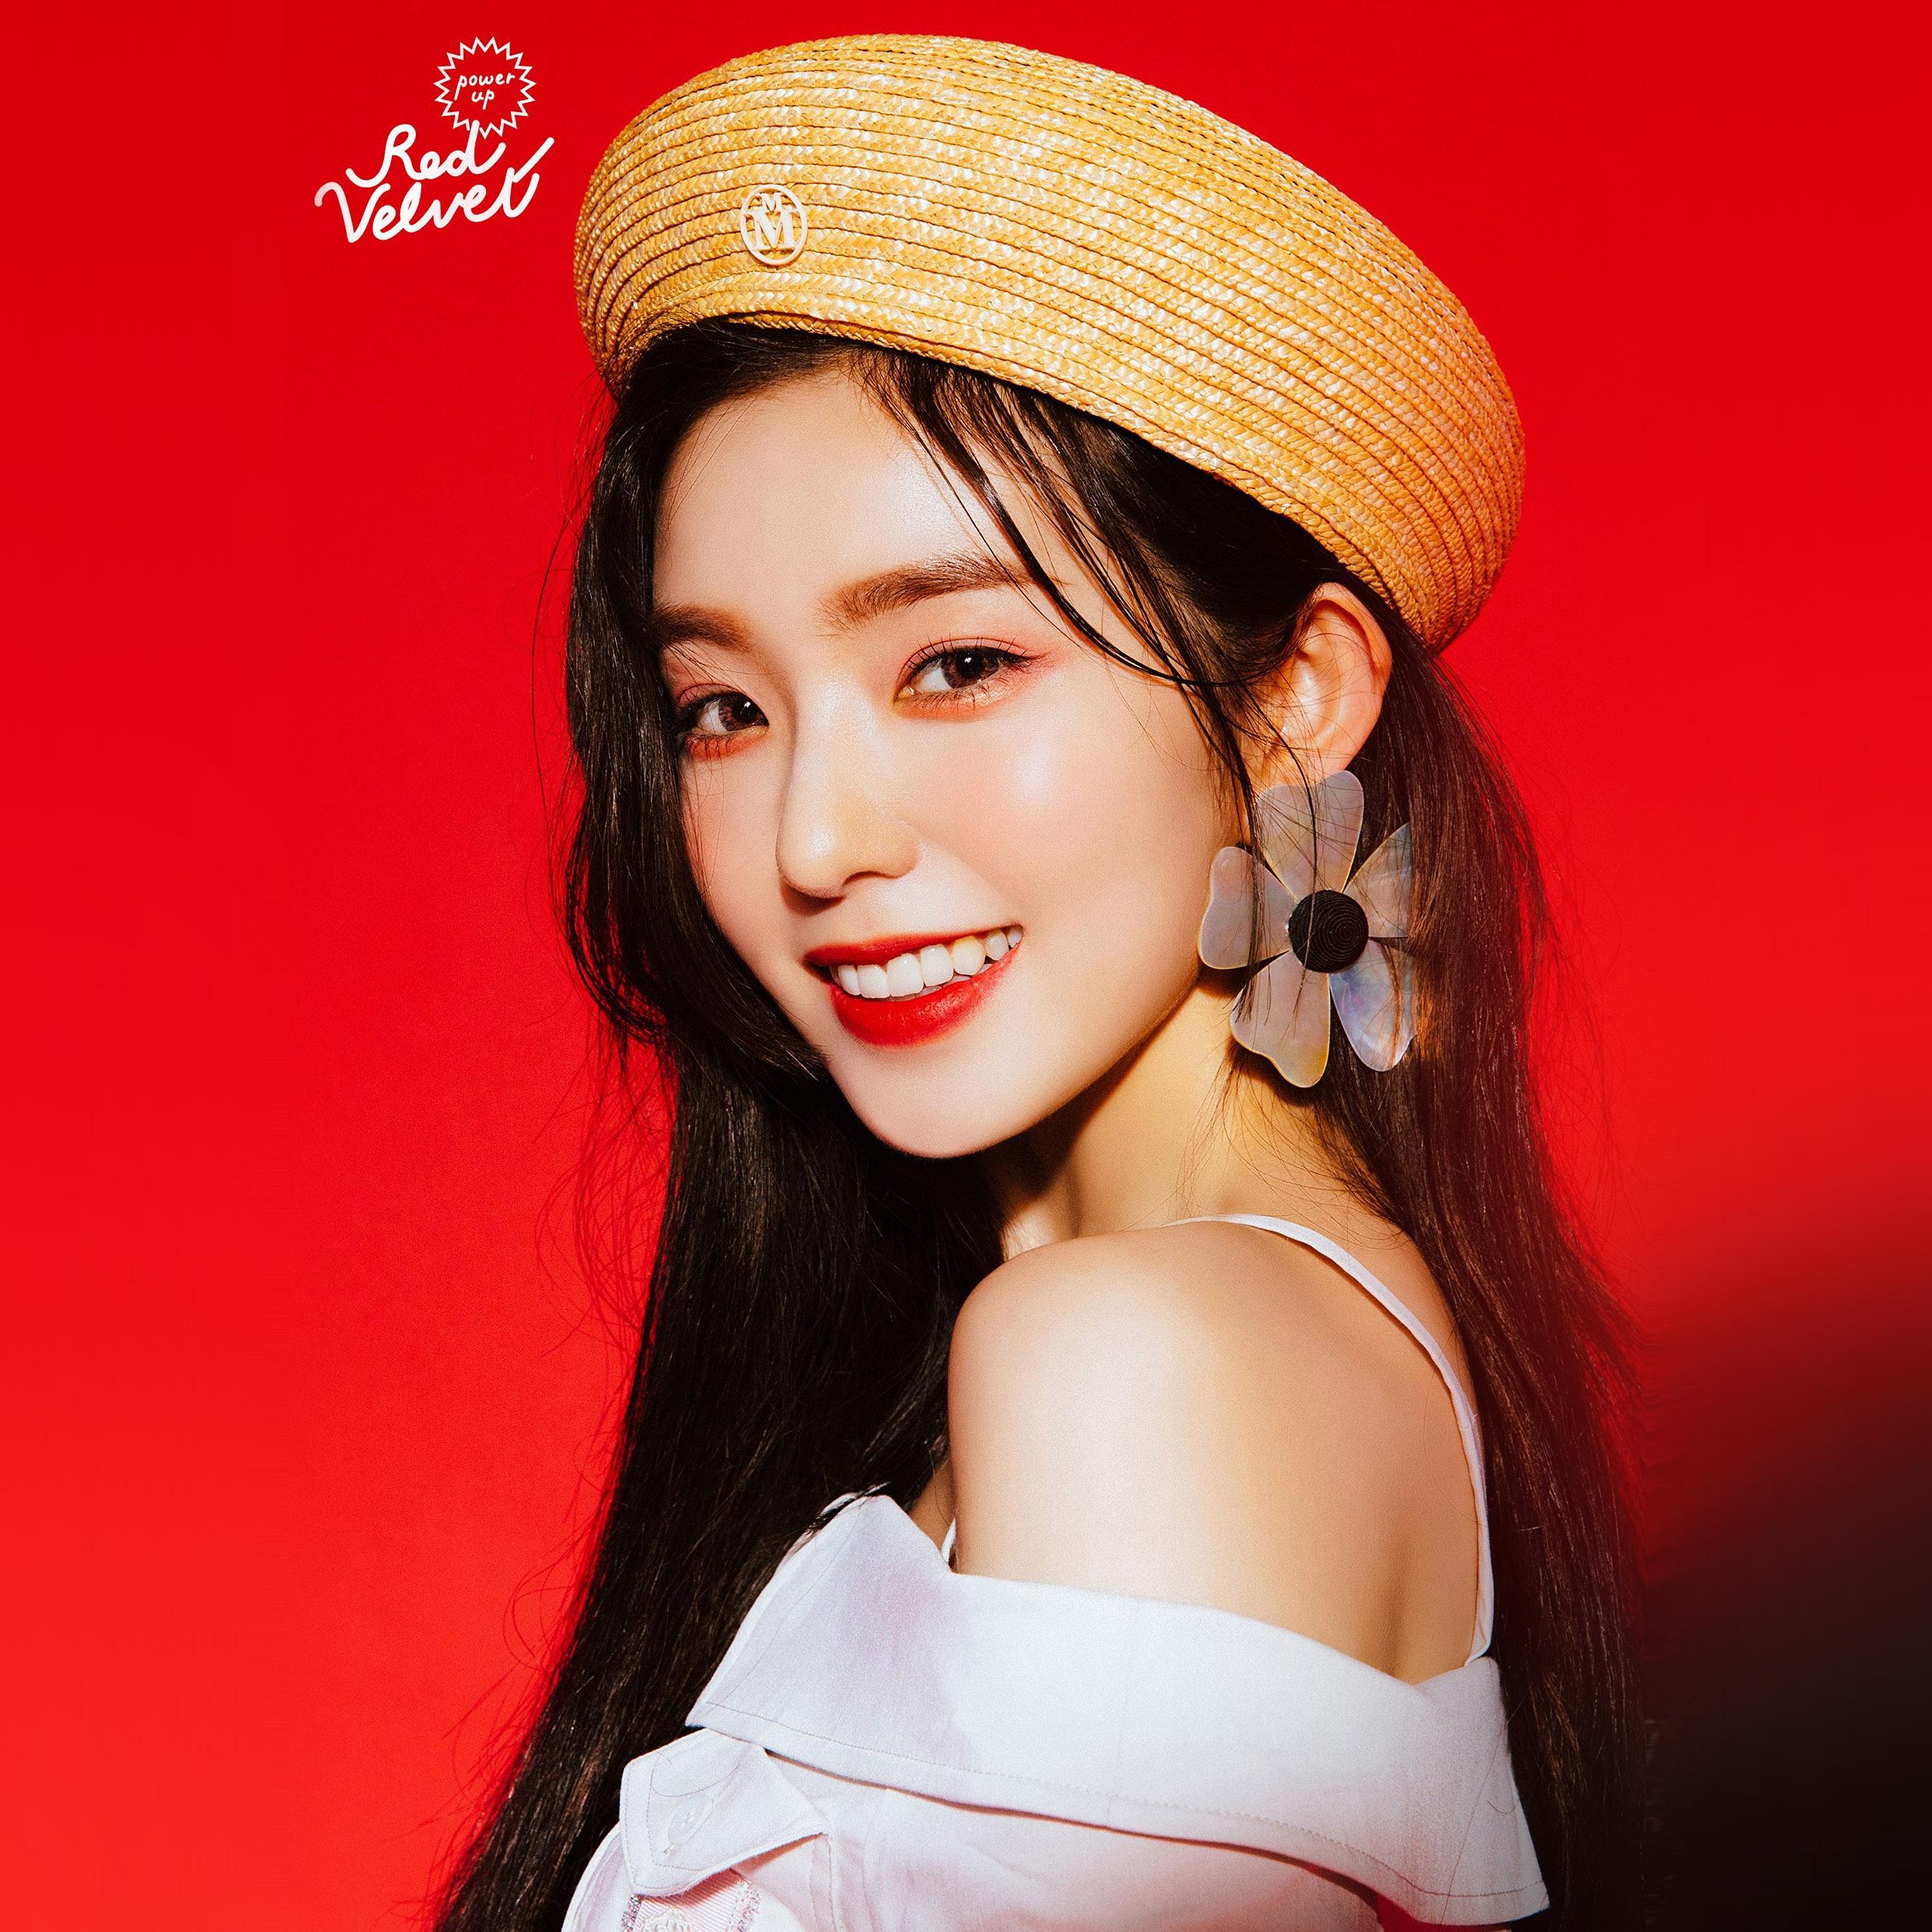 Hr24 Redvelvet Girl Kpop Smile Irene Wallpaper